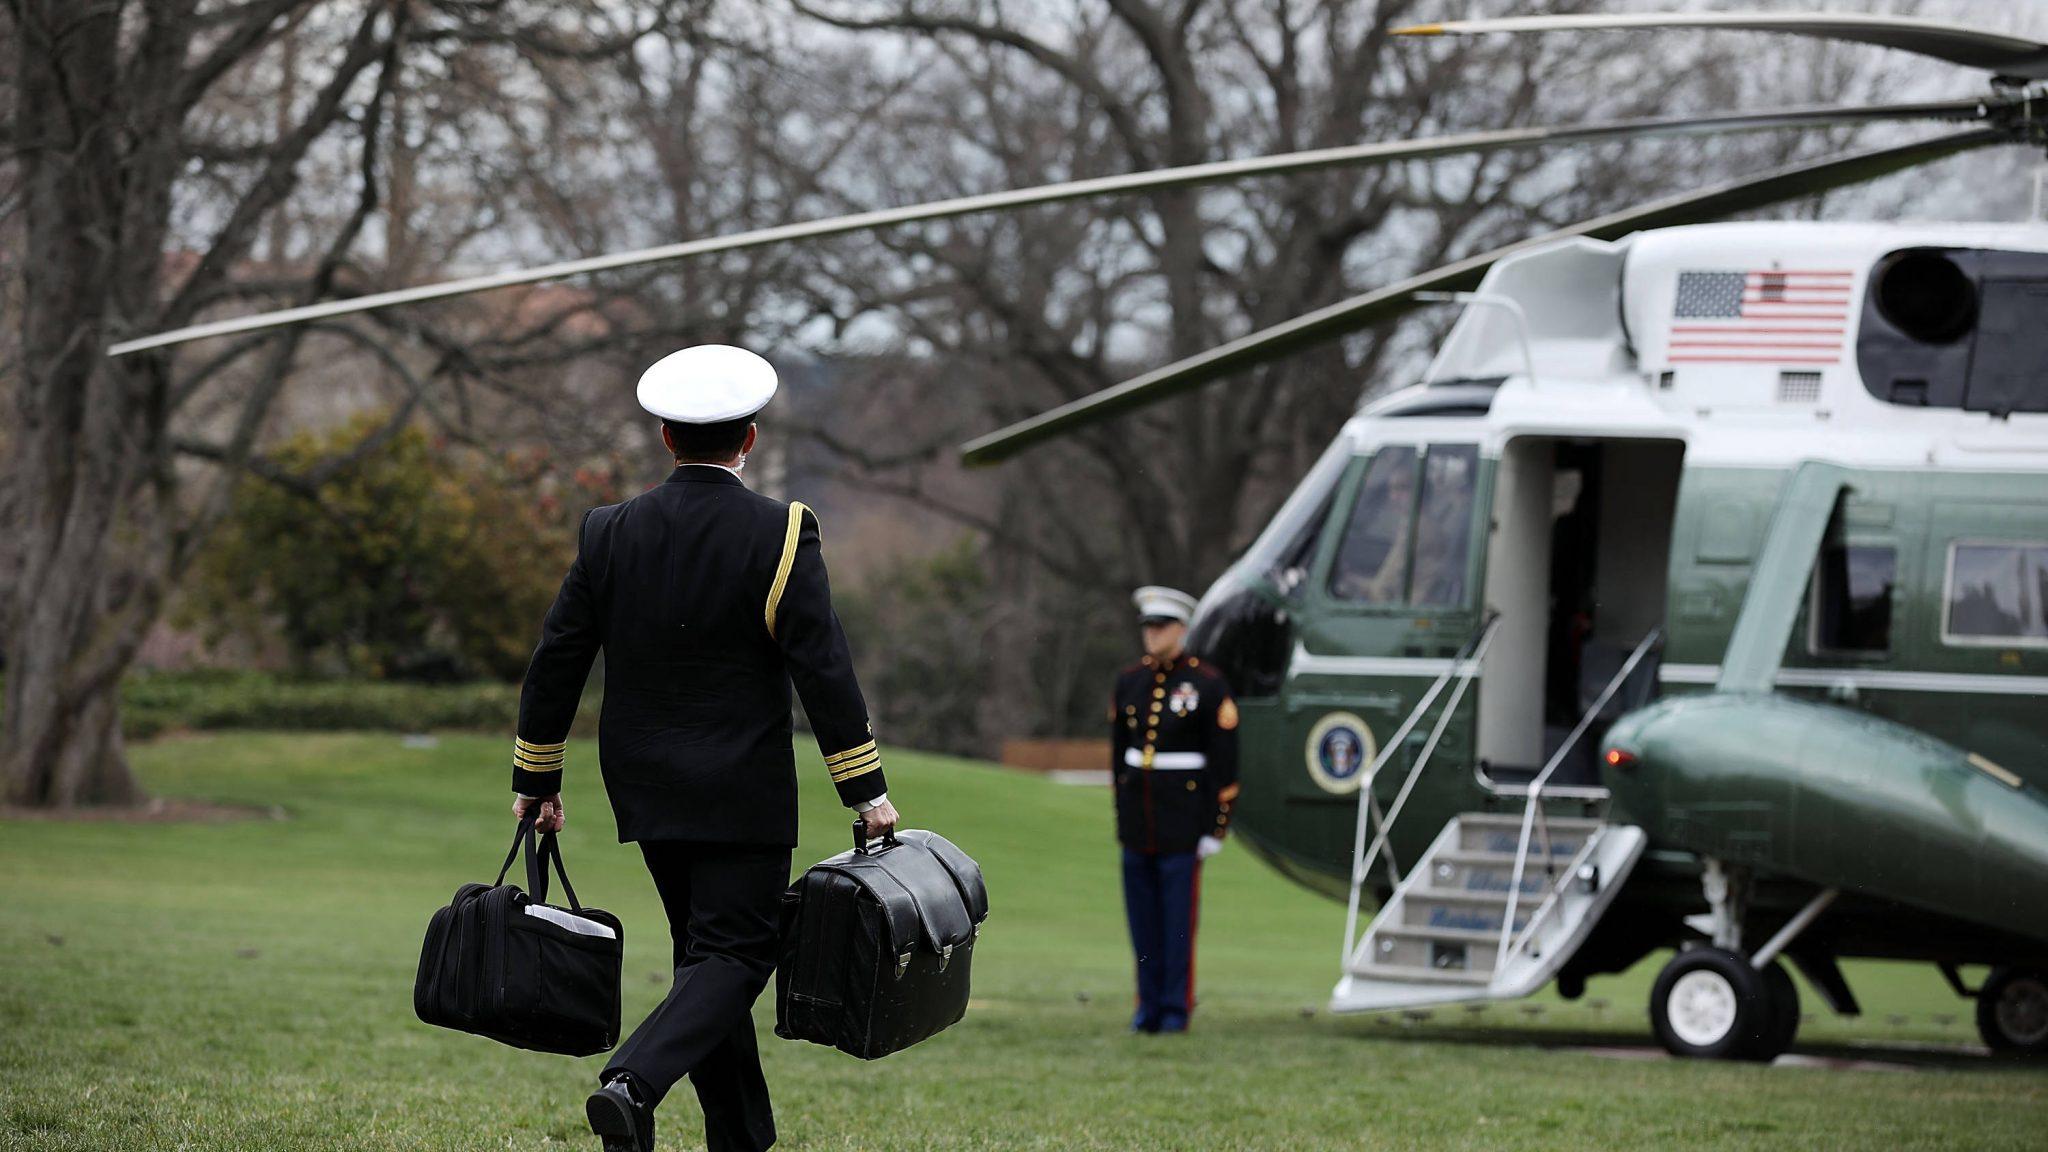 صورة تطور خطـ ـير؟.. ترامب سيأخذ الحقيبة النووية معه عند رحيله!